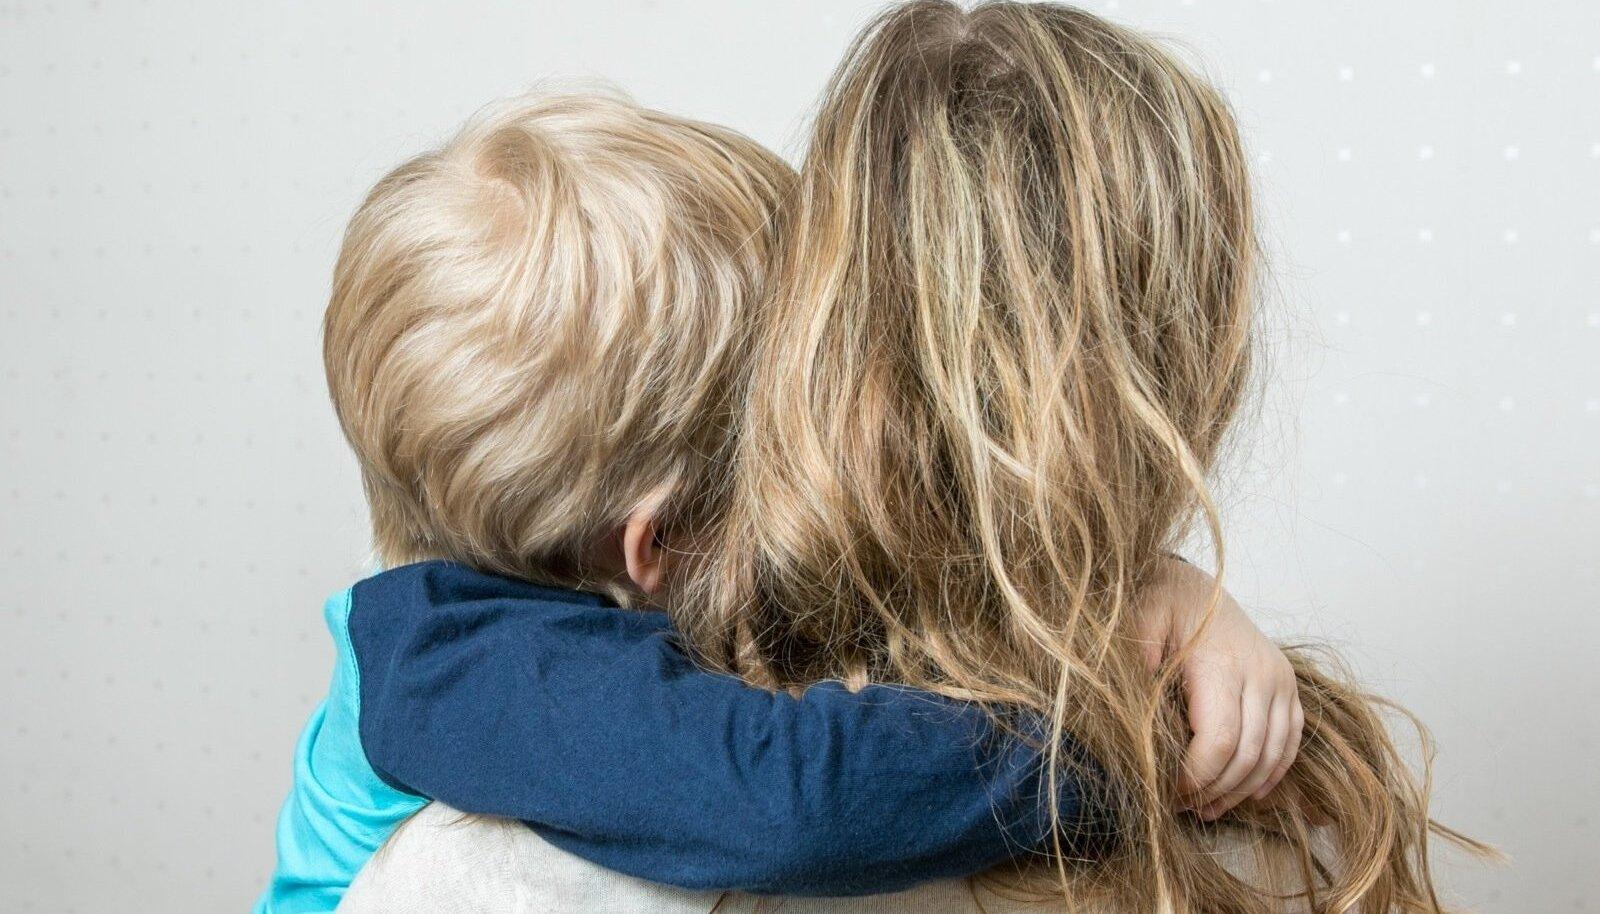 Sõltuvusega naise asendusravile pöördumine on selge märk, et ta soovib narkootikumide tarvitamist kontrolli alla saada ning enda ja oma laste elu paremaks muuta.